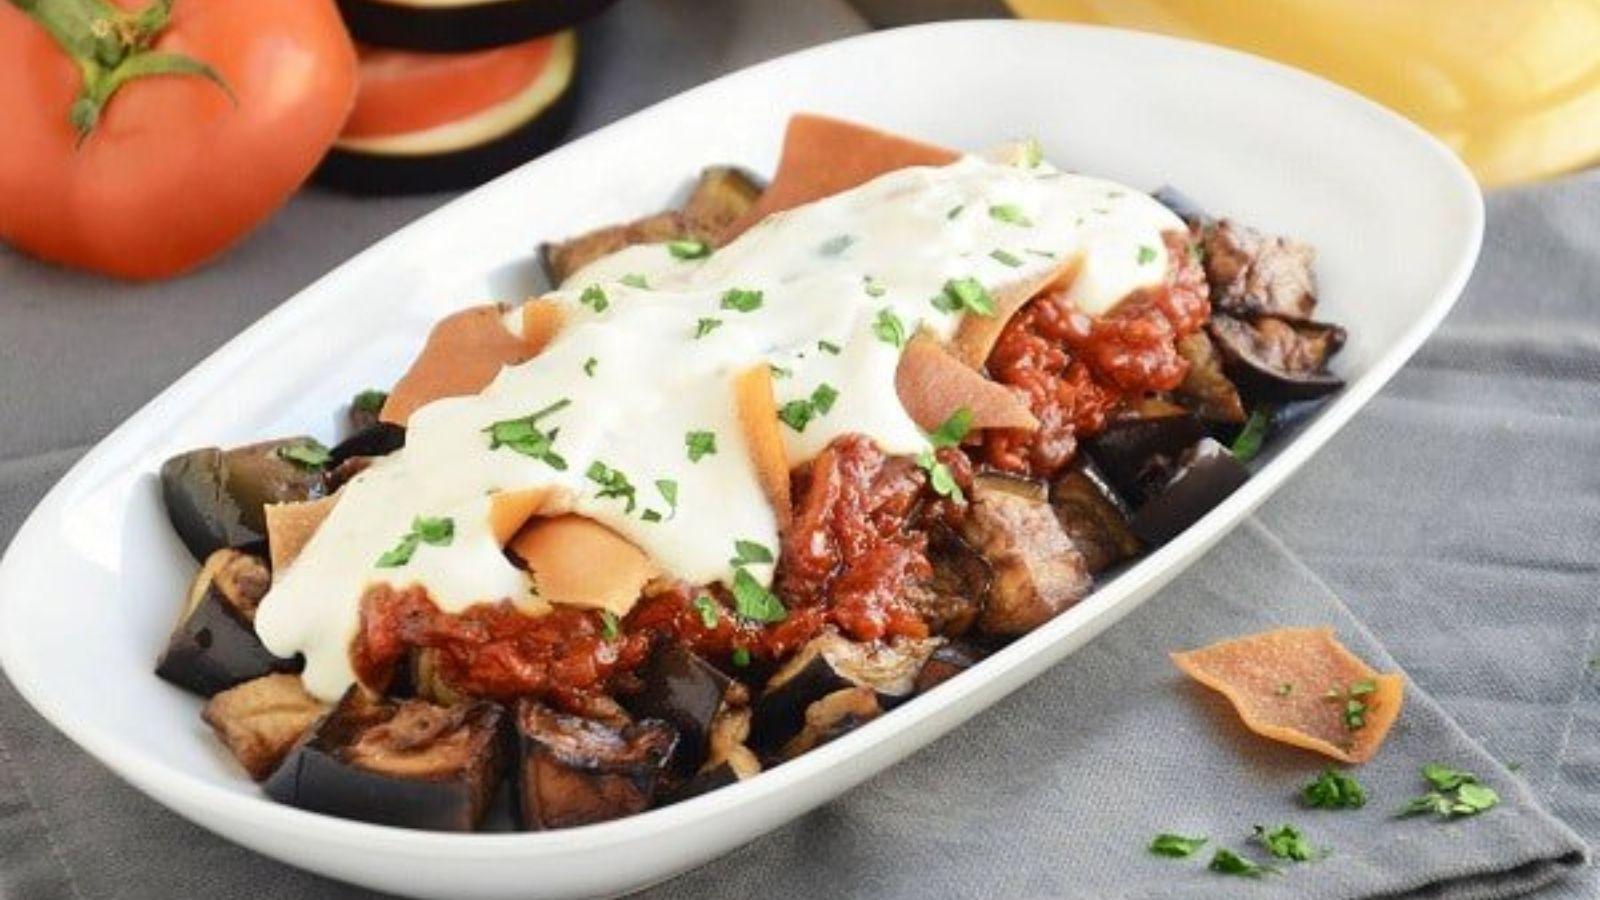 طريقة تحضير فتة الباذنجان التقليدية بلبن الزبادي Food Recipes New Recipes